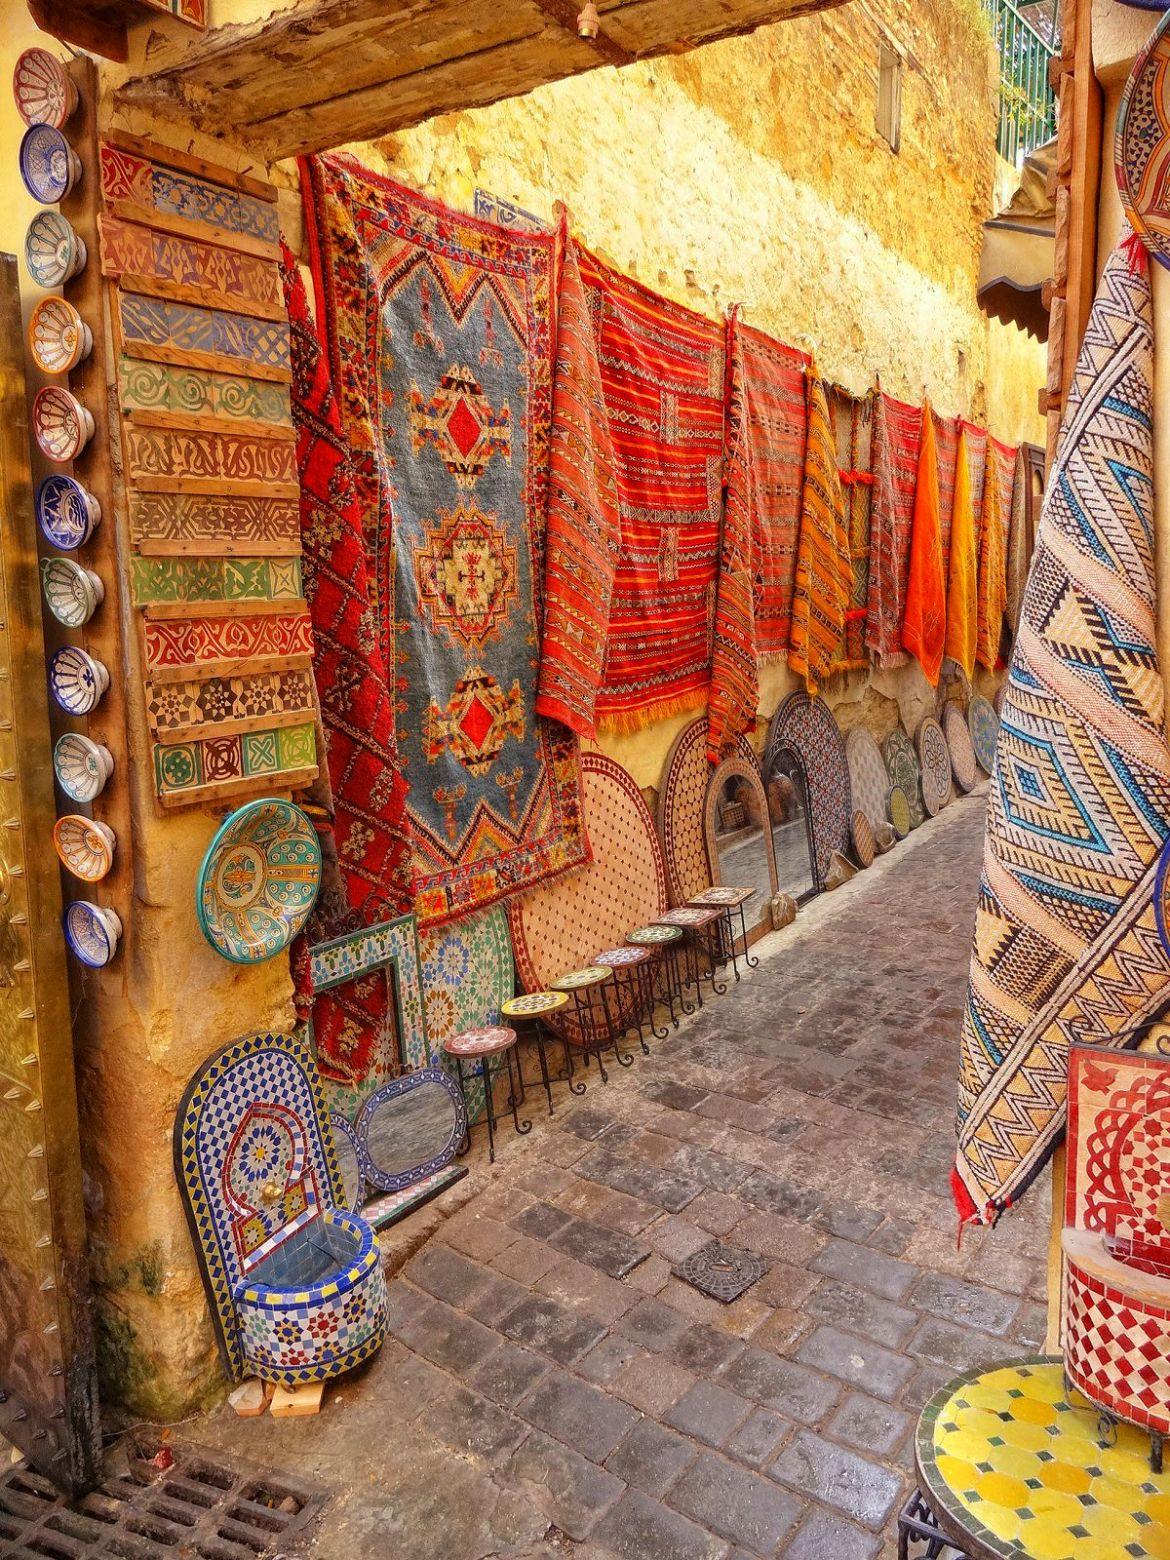 Dywany sprzedawane na ulicy w Fezie